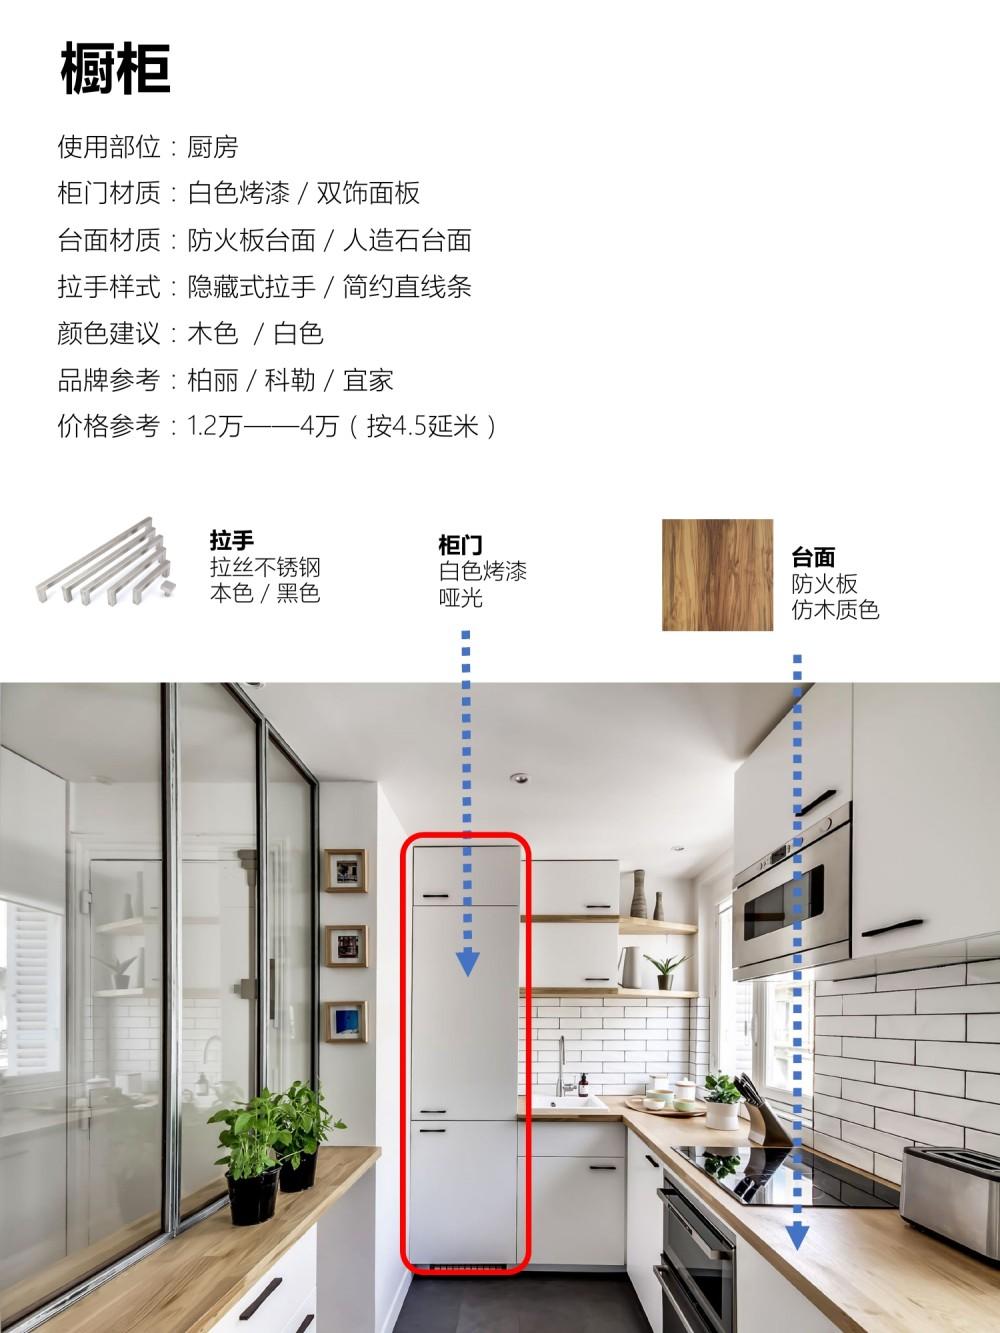 【指导手册】现代北欧风格DIY手册PDF+JPG 93P丨170M丨_19.jpg